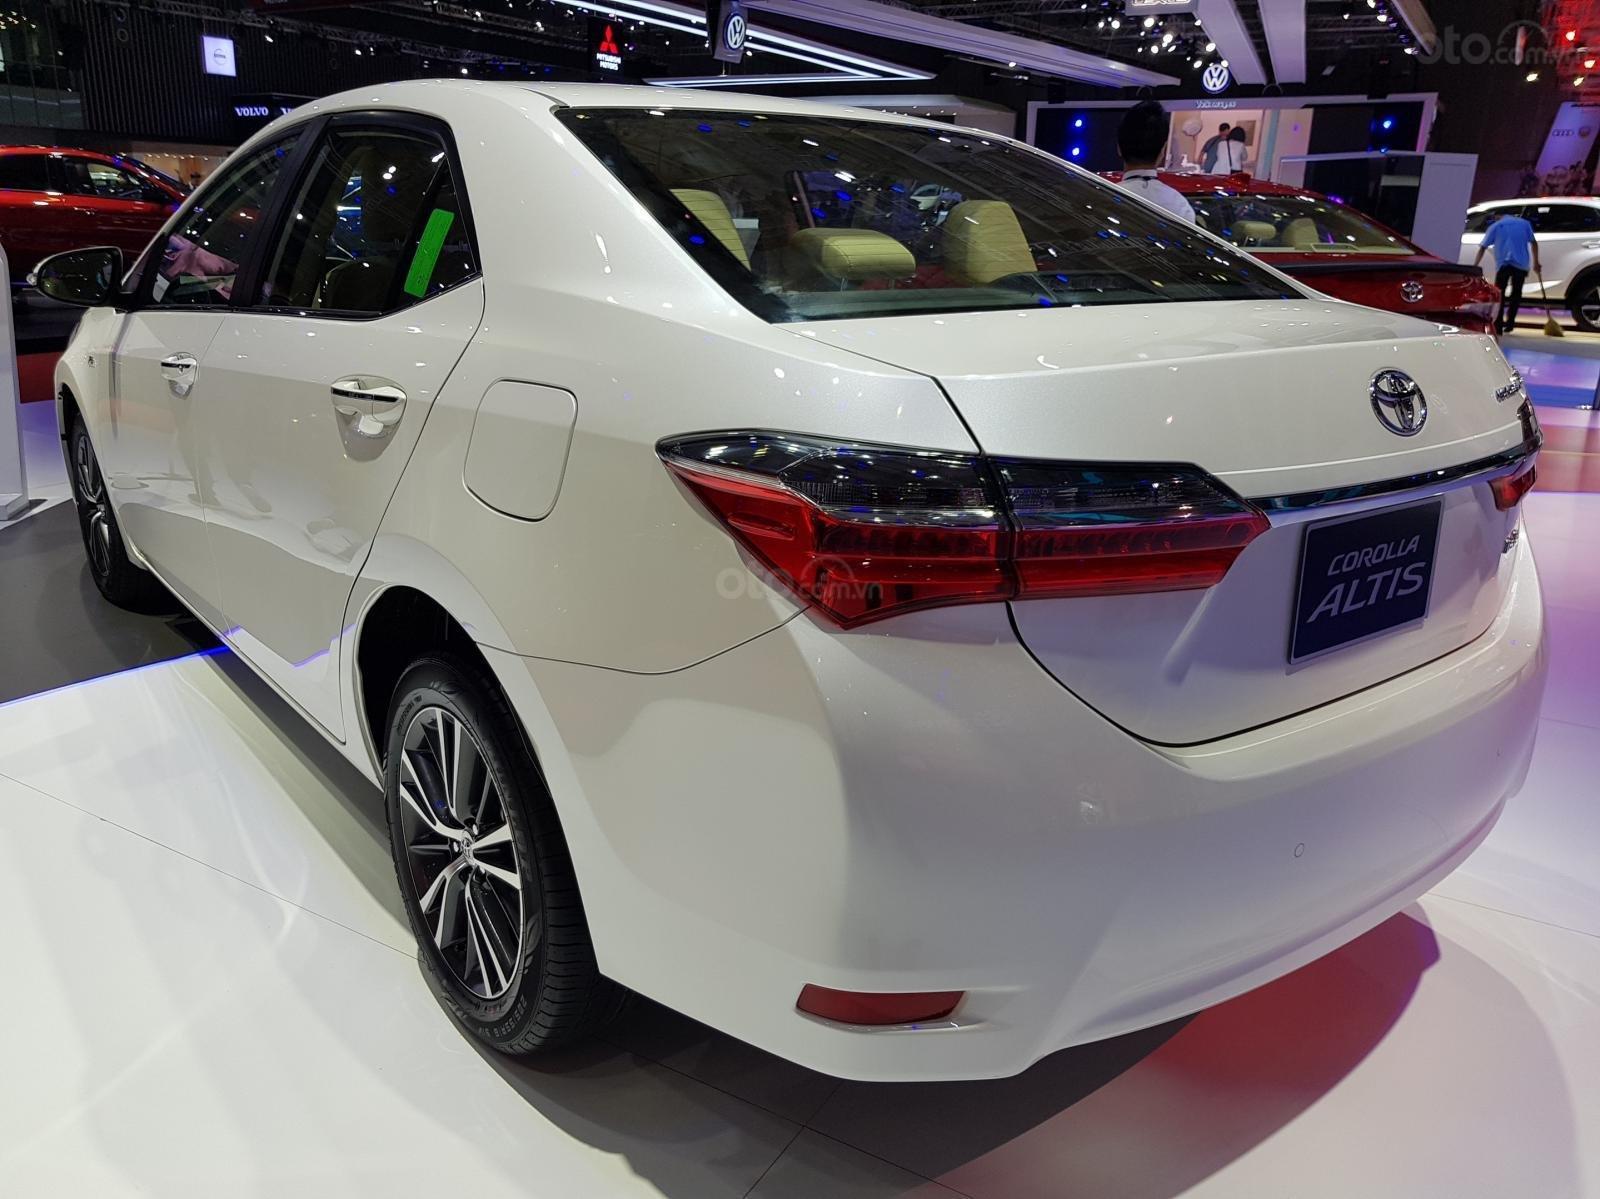 Bán Toyota Corolla Altis 1.8 G CVT 2019 - 761 triệu và 40 triệu thuế trước bạ. Liên hệ 0902750051 (5)